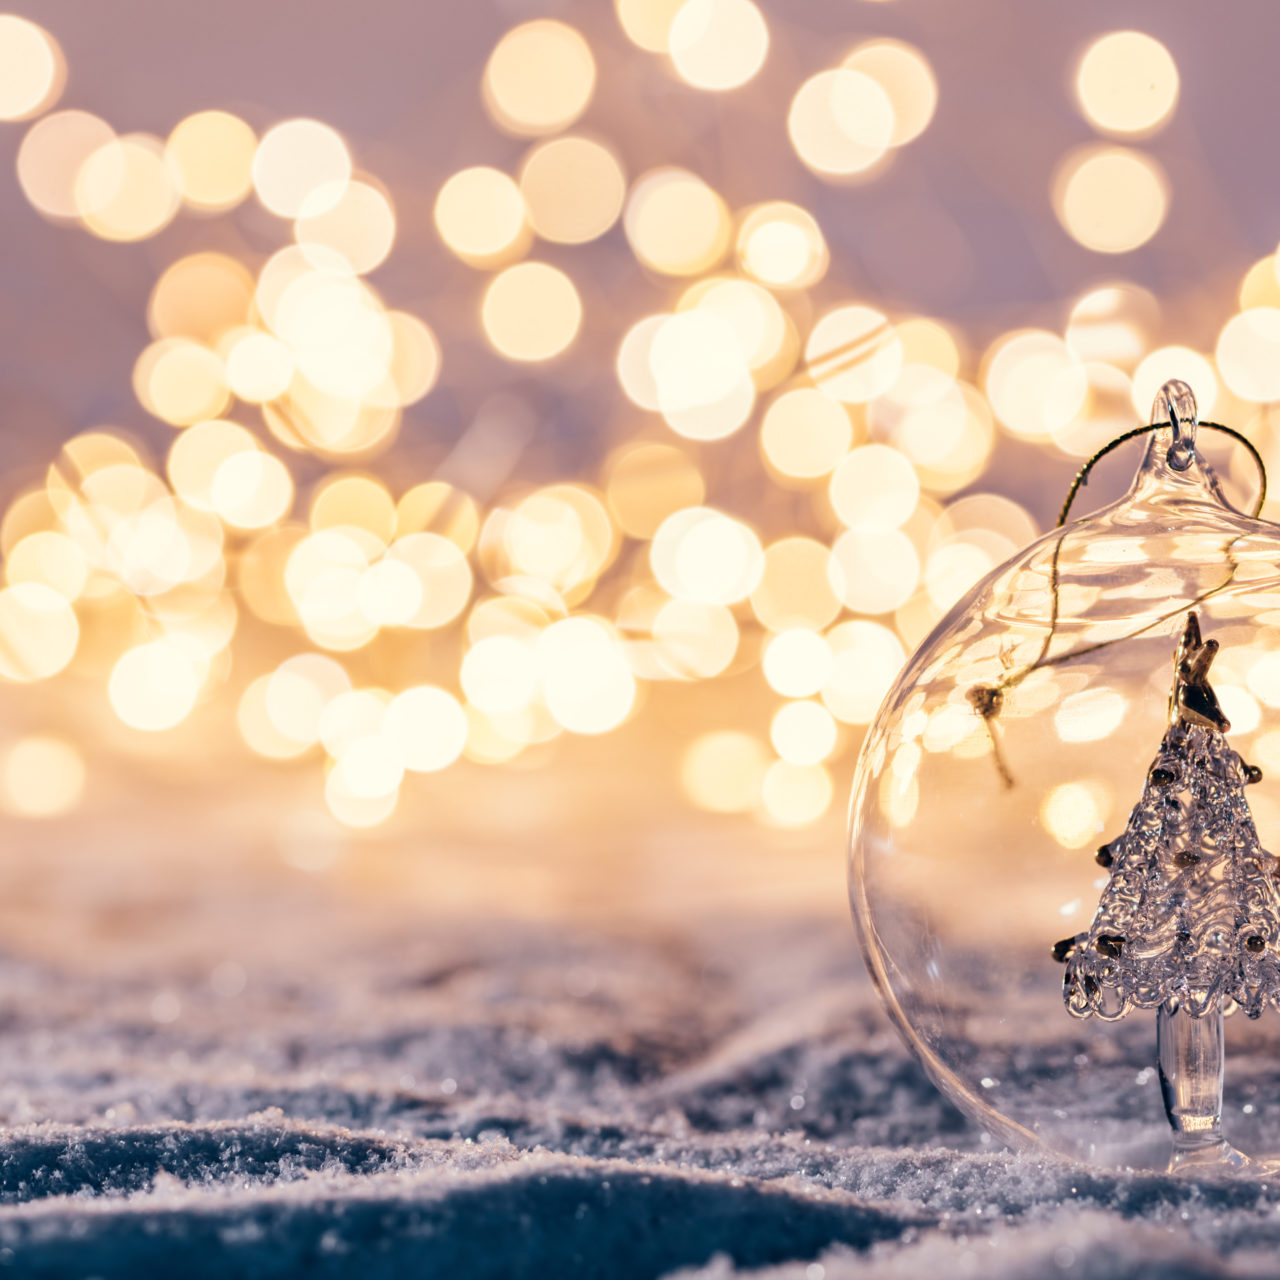 Les énergies de décembre annoncent une nouvelle ère